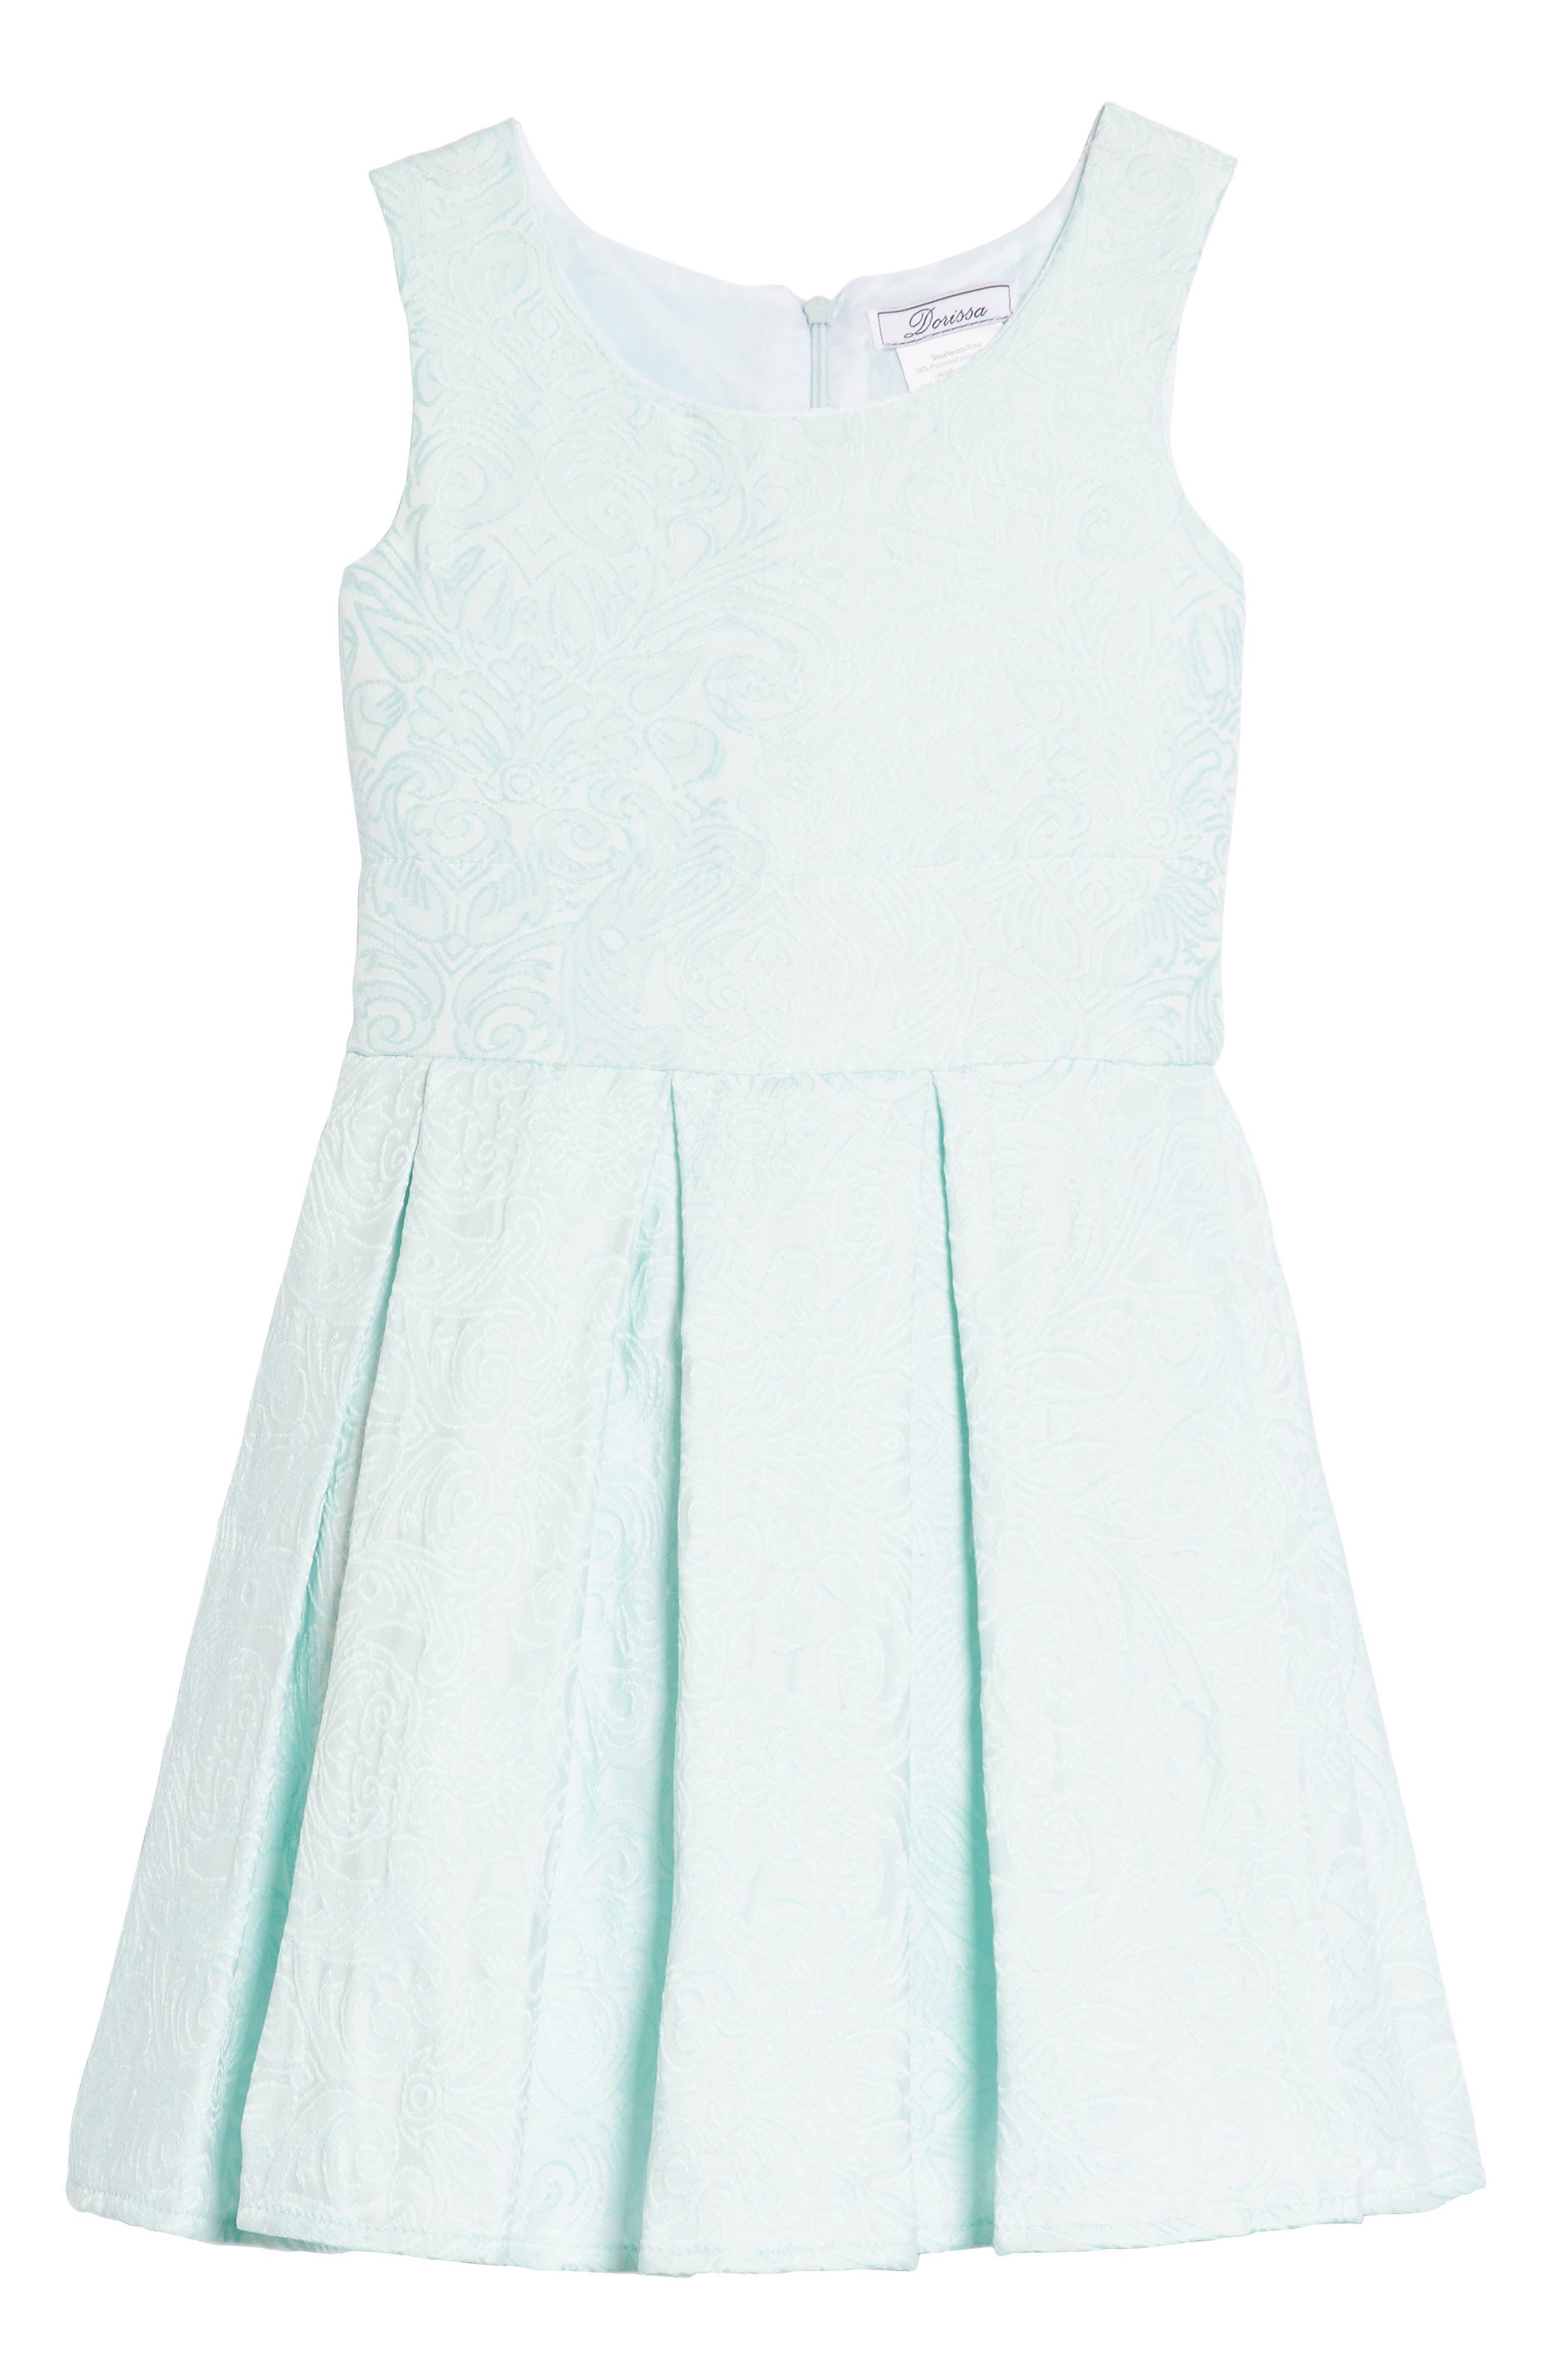 Megan Jacquard Dress,                             Main thumbnail 1, color,